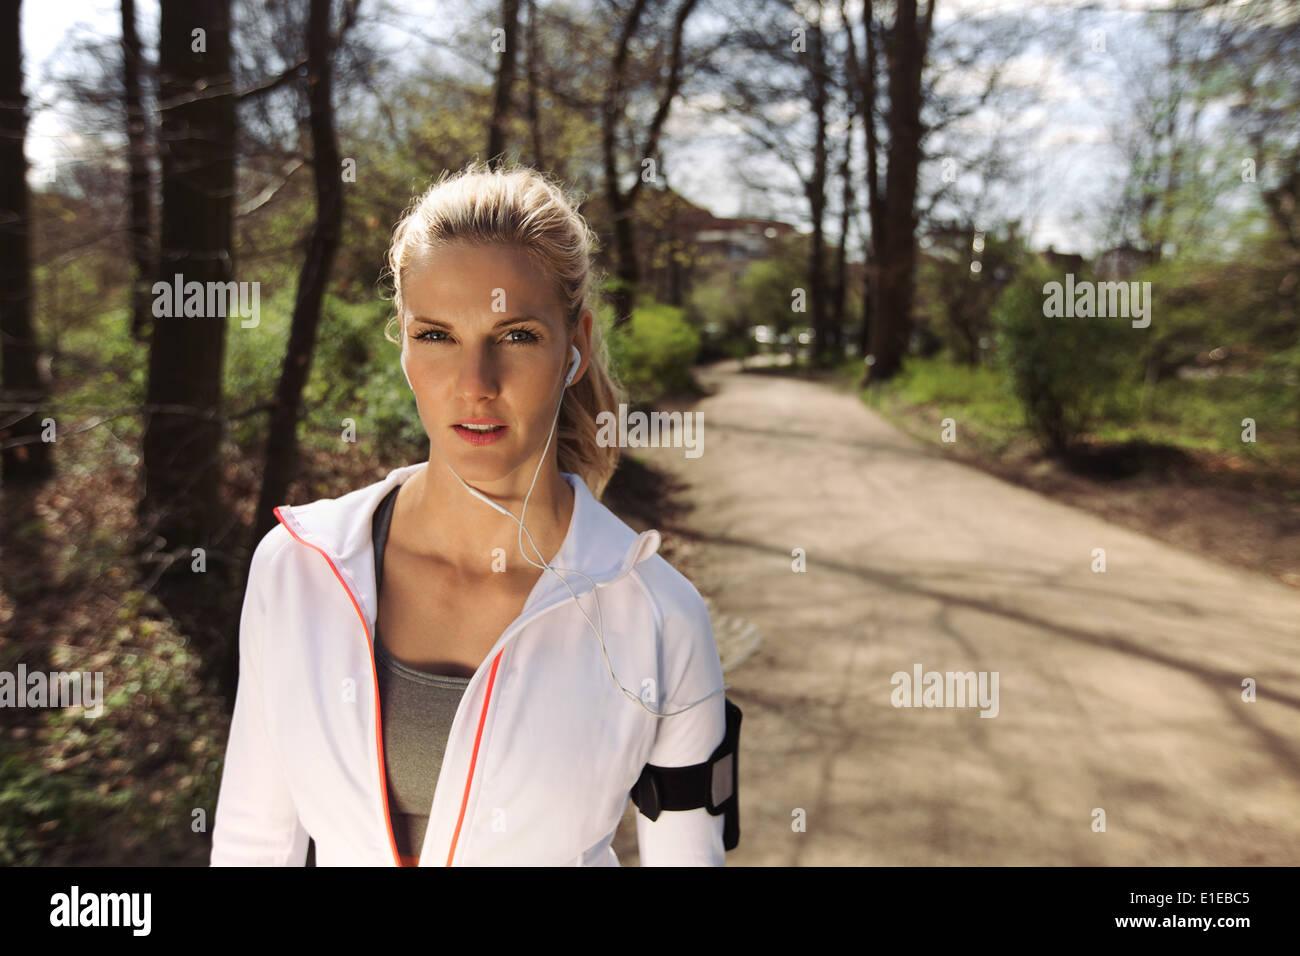 Retrato de muy joven en ropa deportiva llevar auriculares mientras en la rutina de ejercicios en el bosque. Los jóvenes corredoras Imagen De Stock